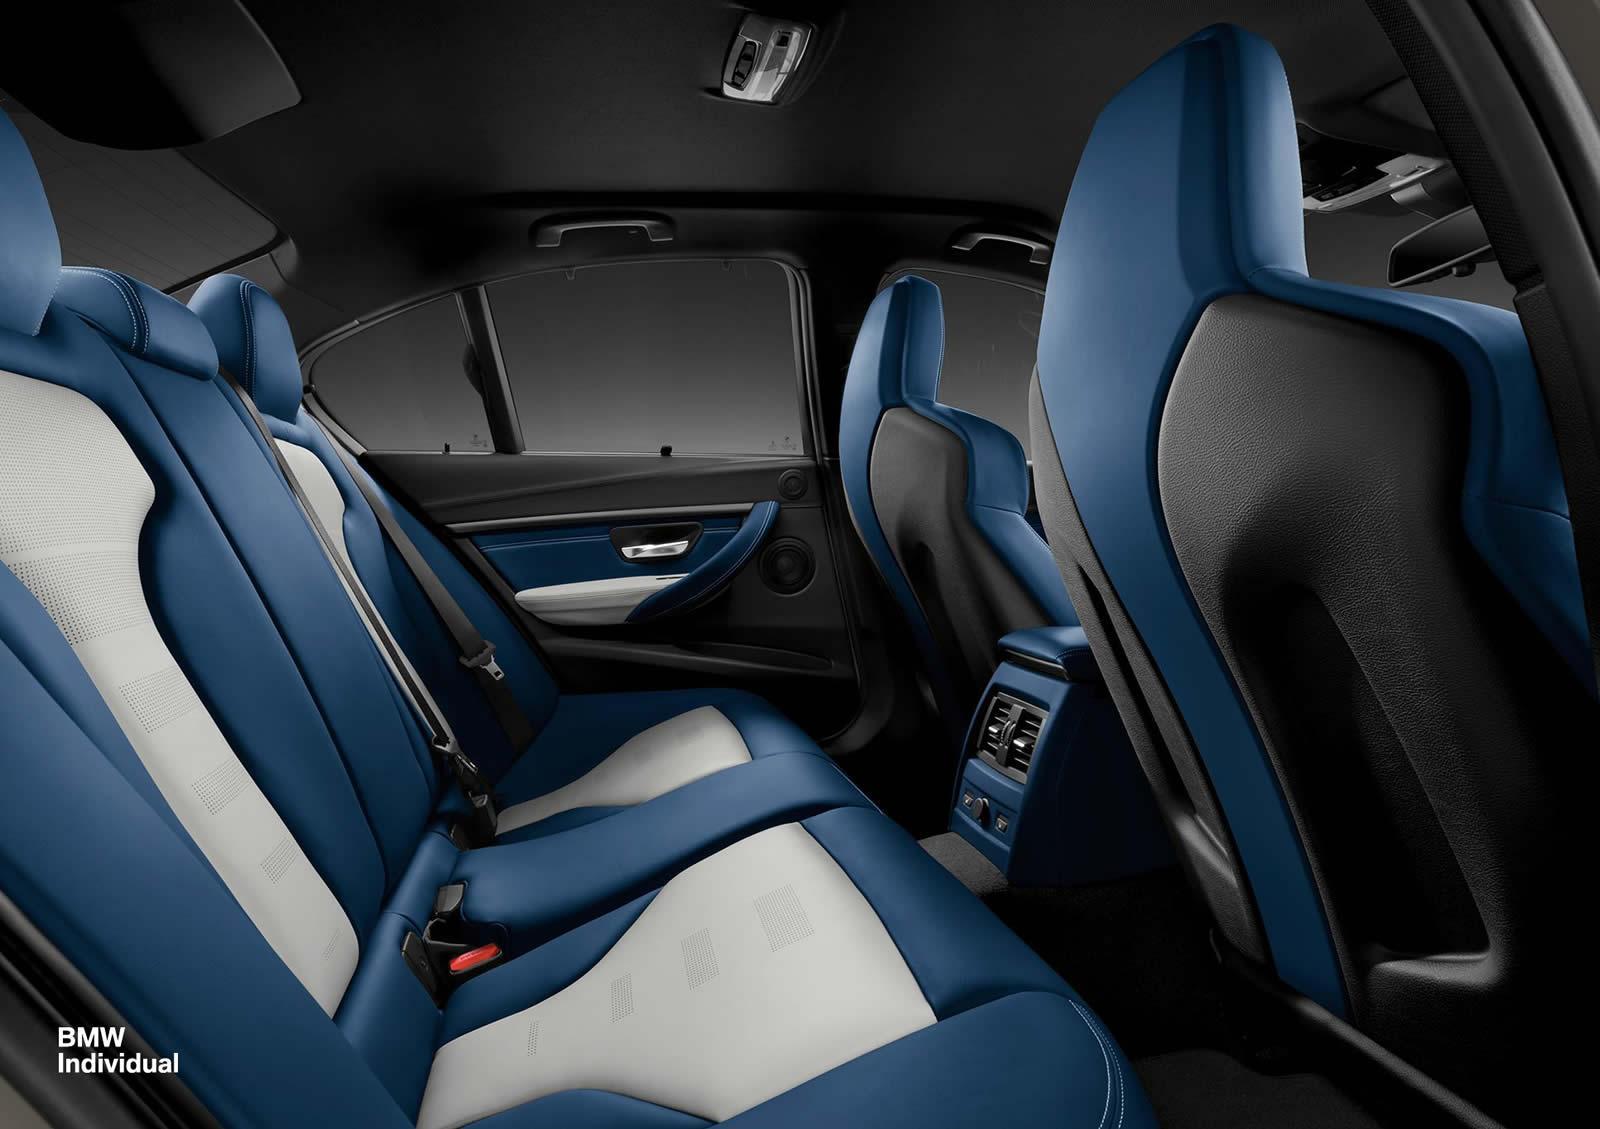 2018 bmw f80 m3. unique 2018 bmw individual m3 sedan with 2018 bmw f80 m3